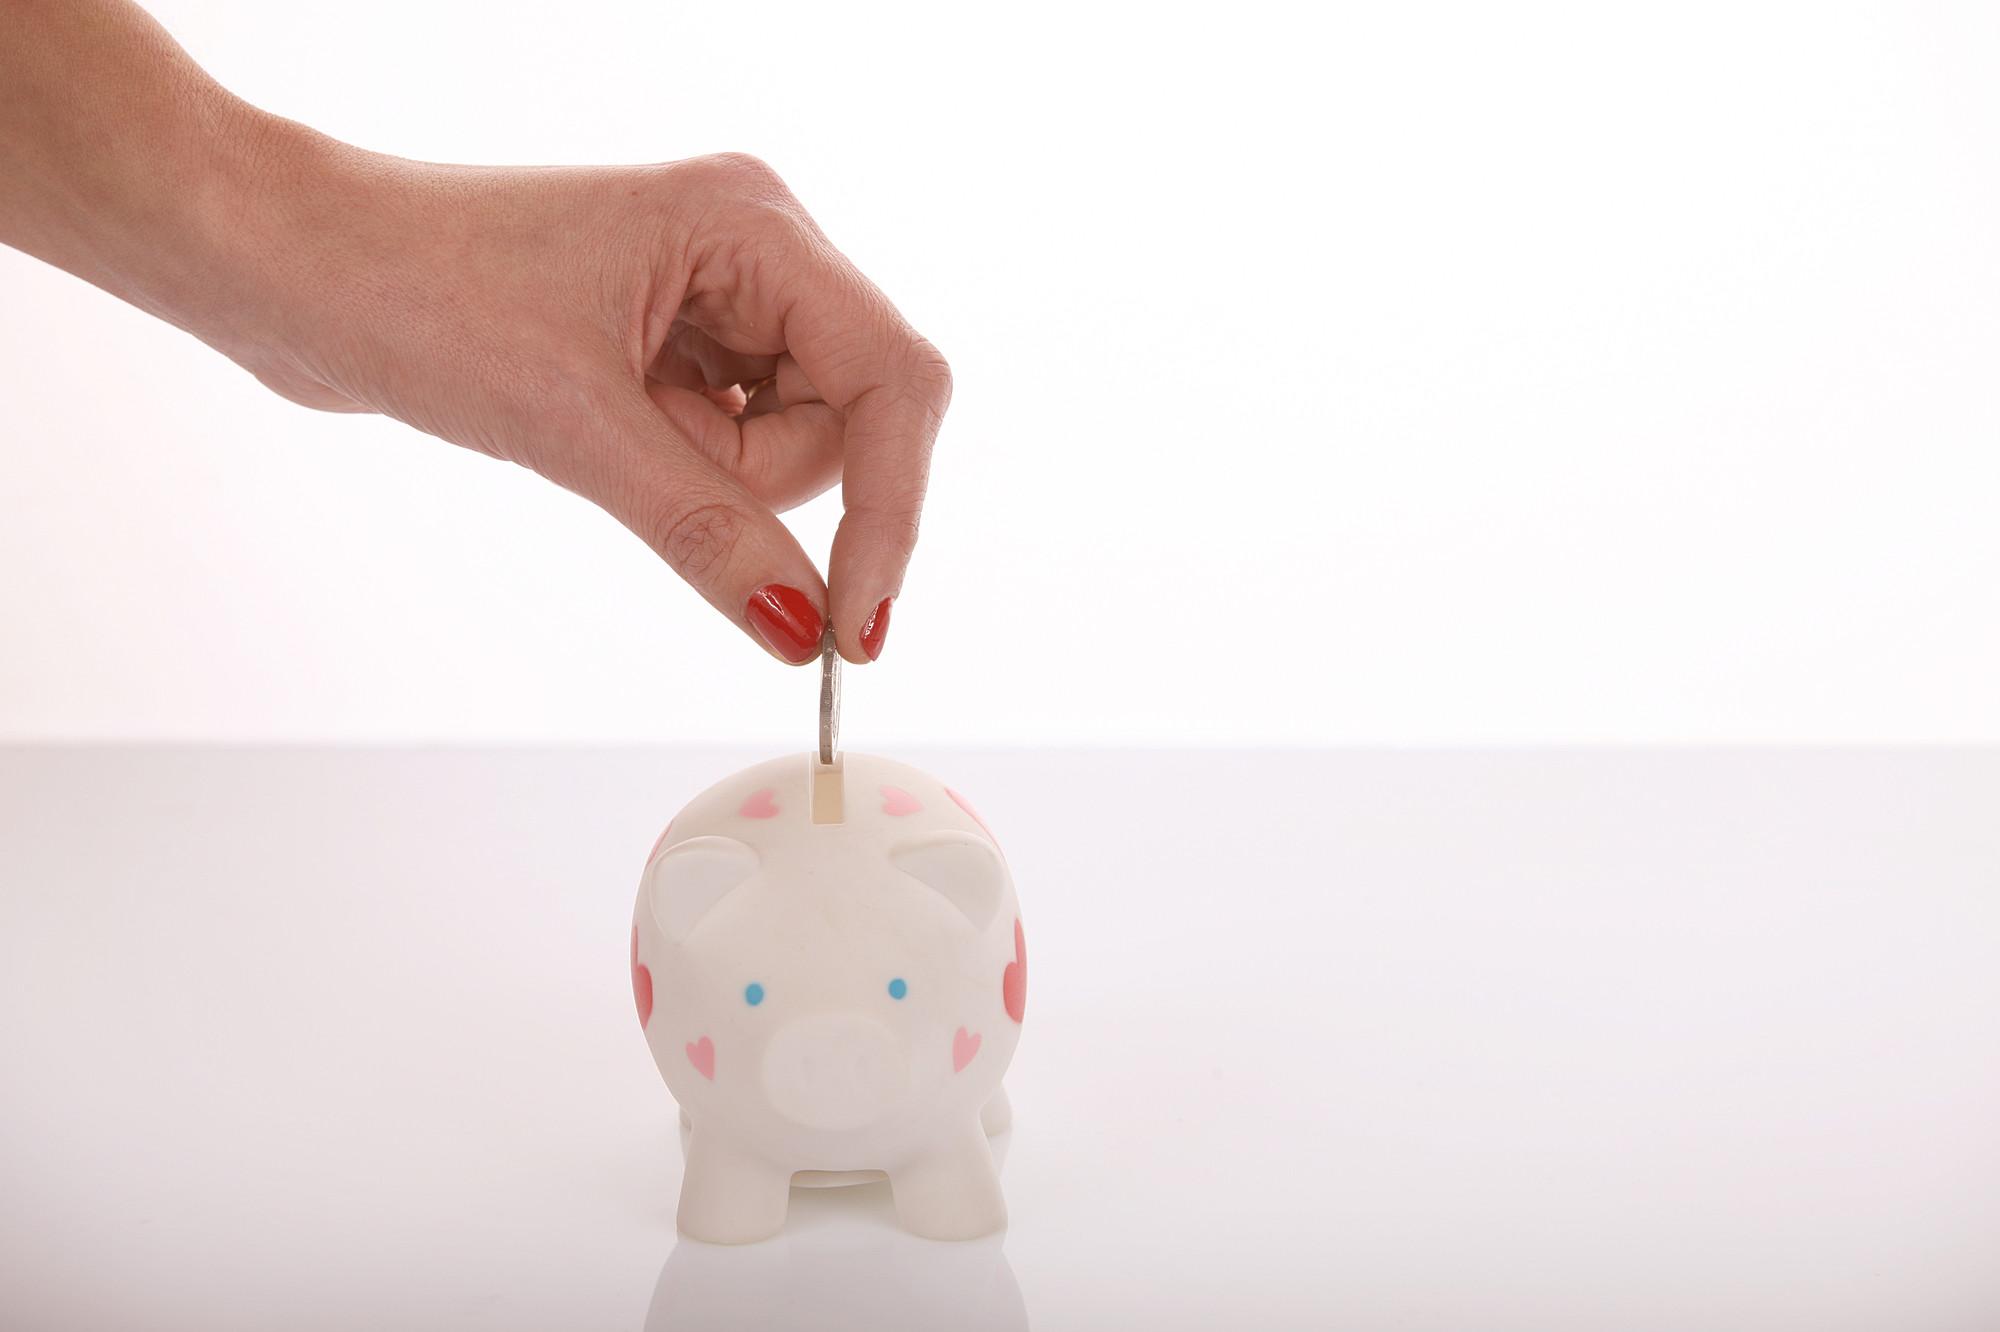 geld besparen verzendkosten verlaagd